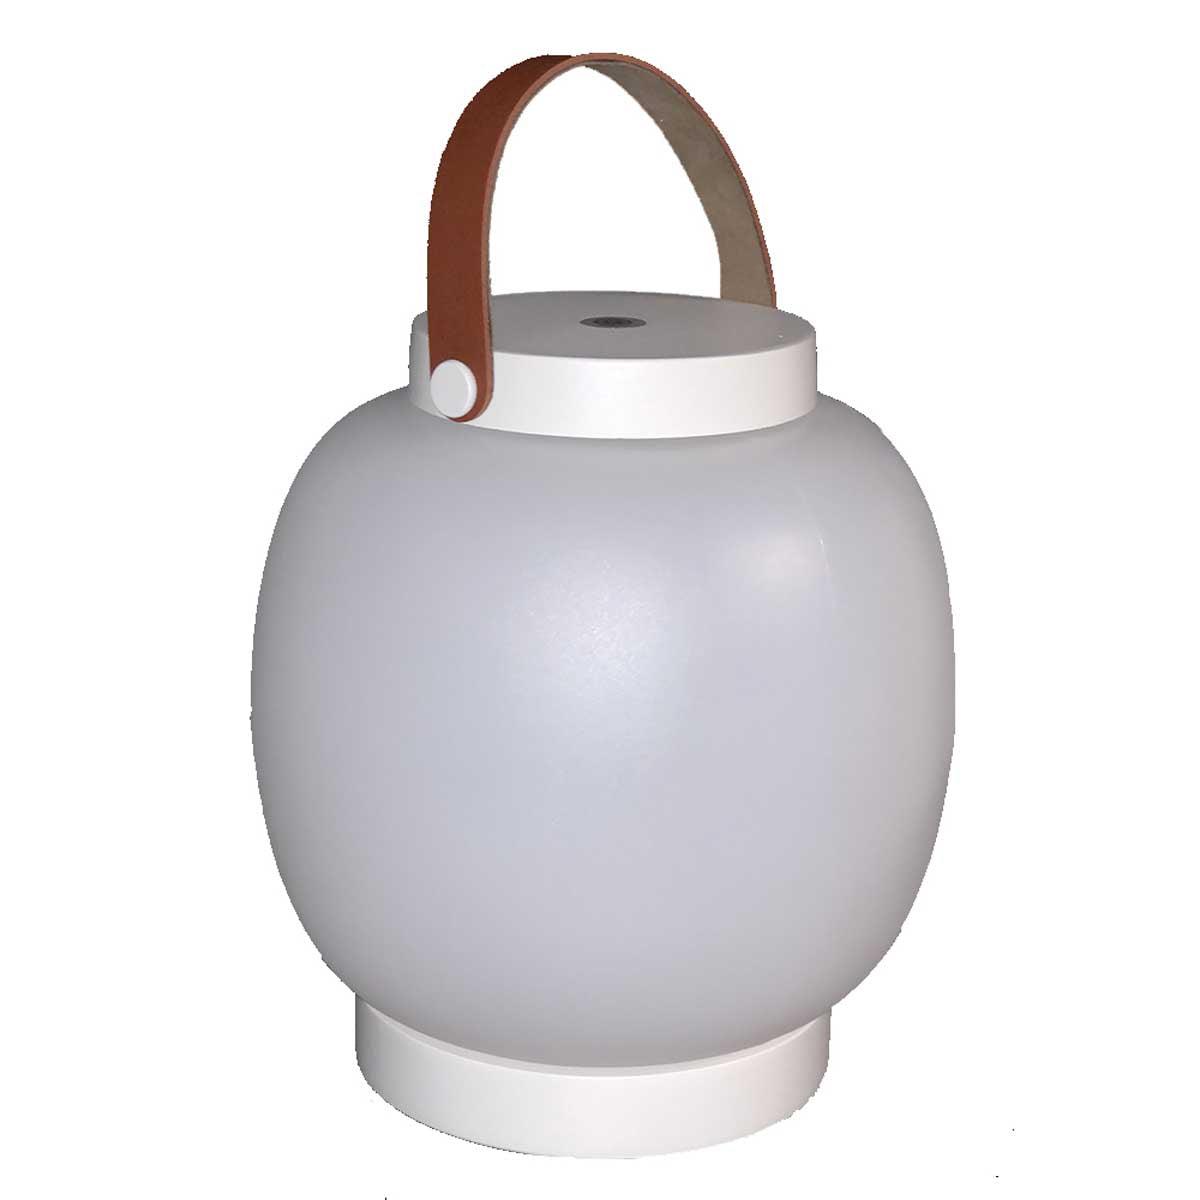 Lanterne sans fil anse en cuir cuir marron H22cm